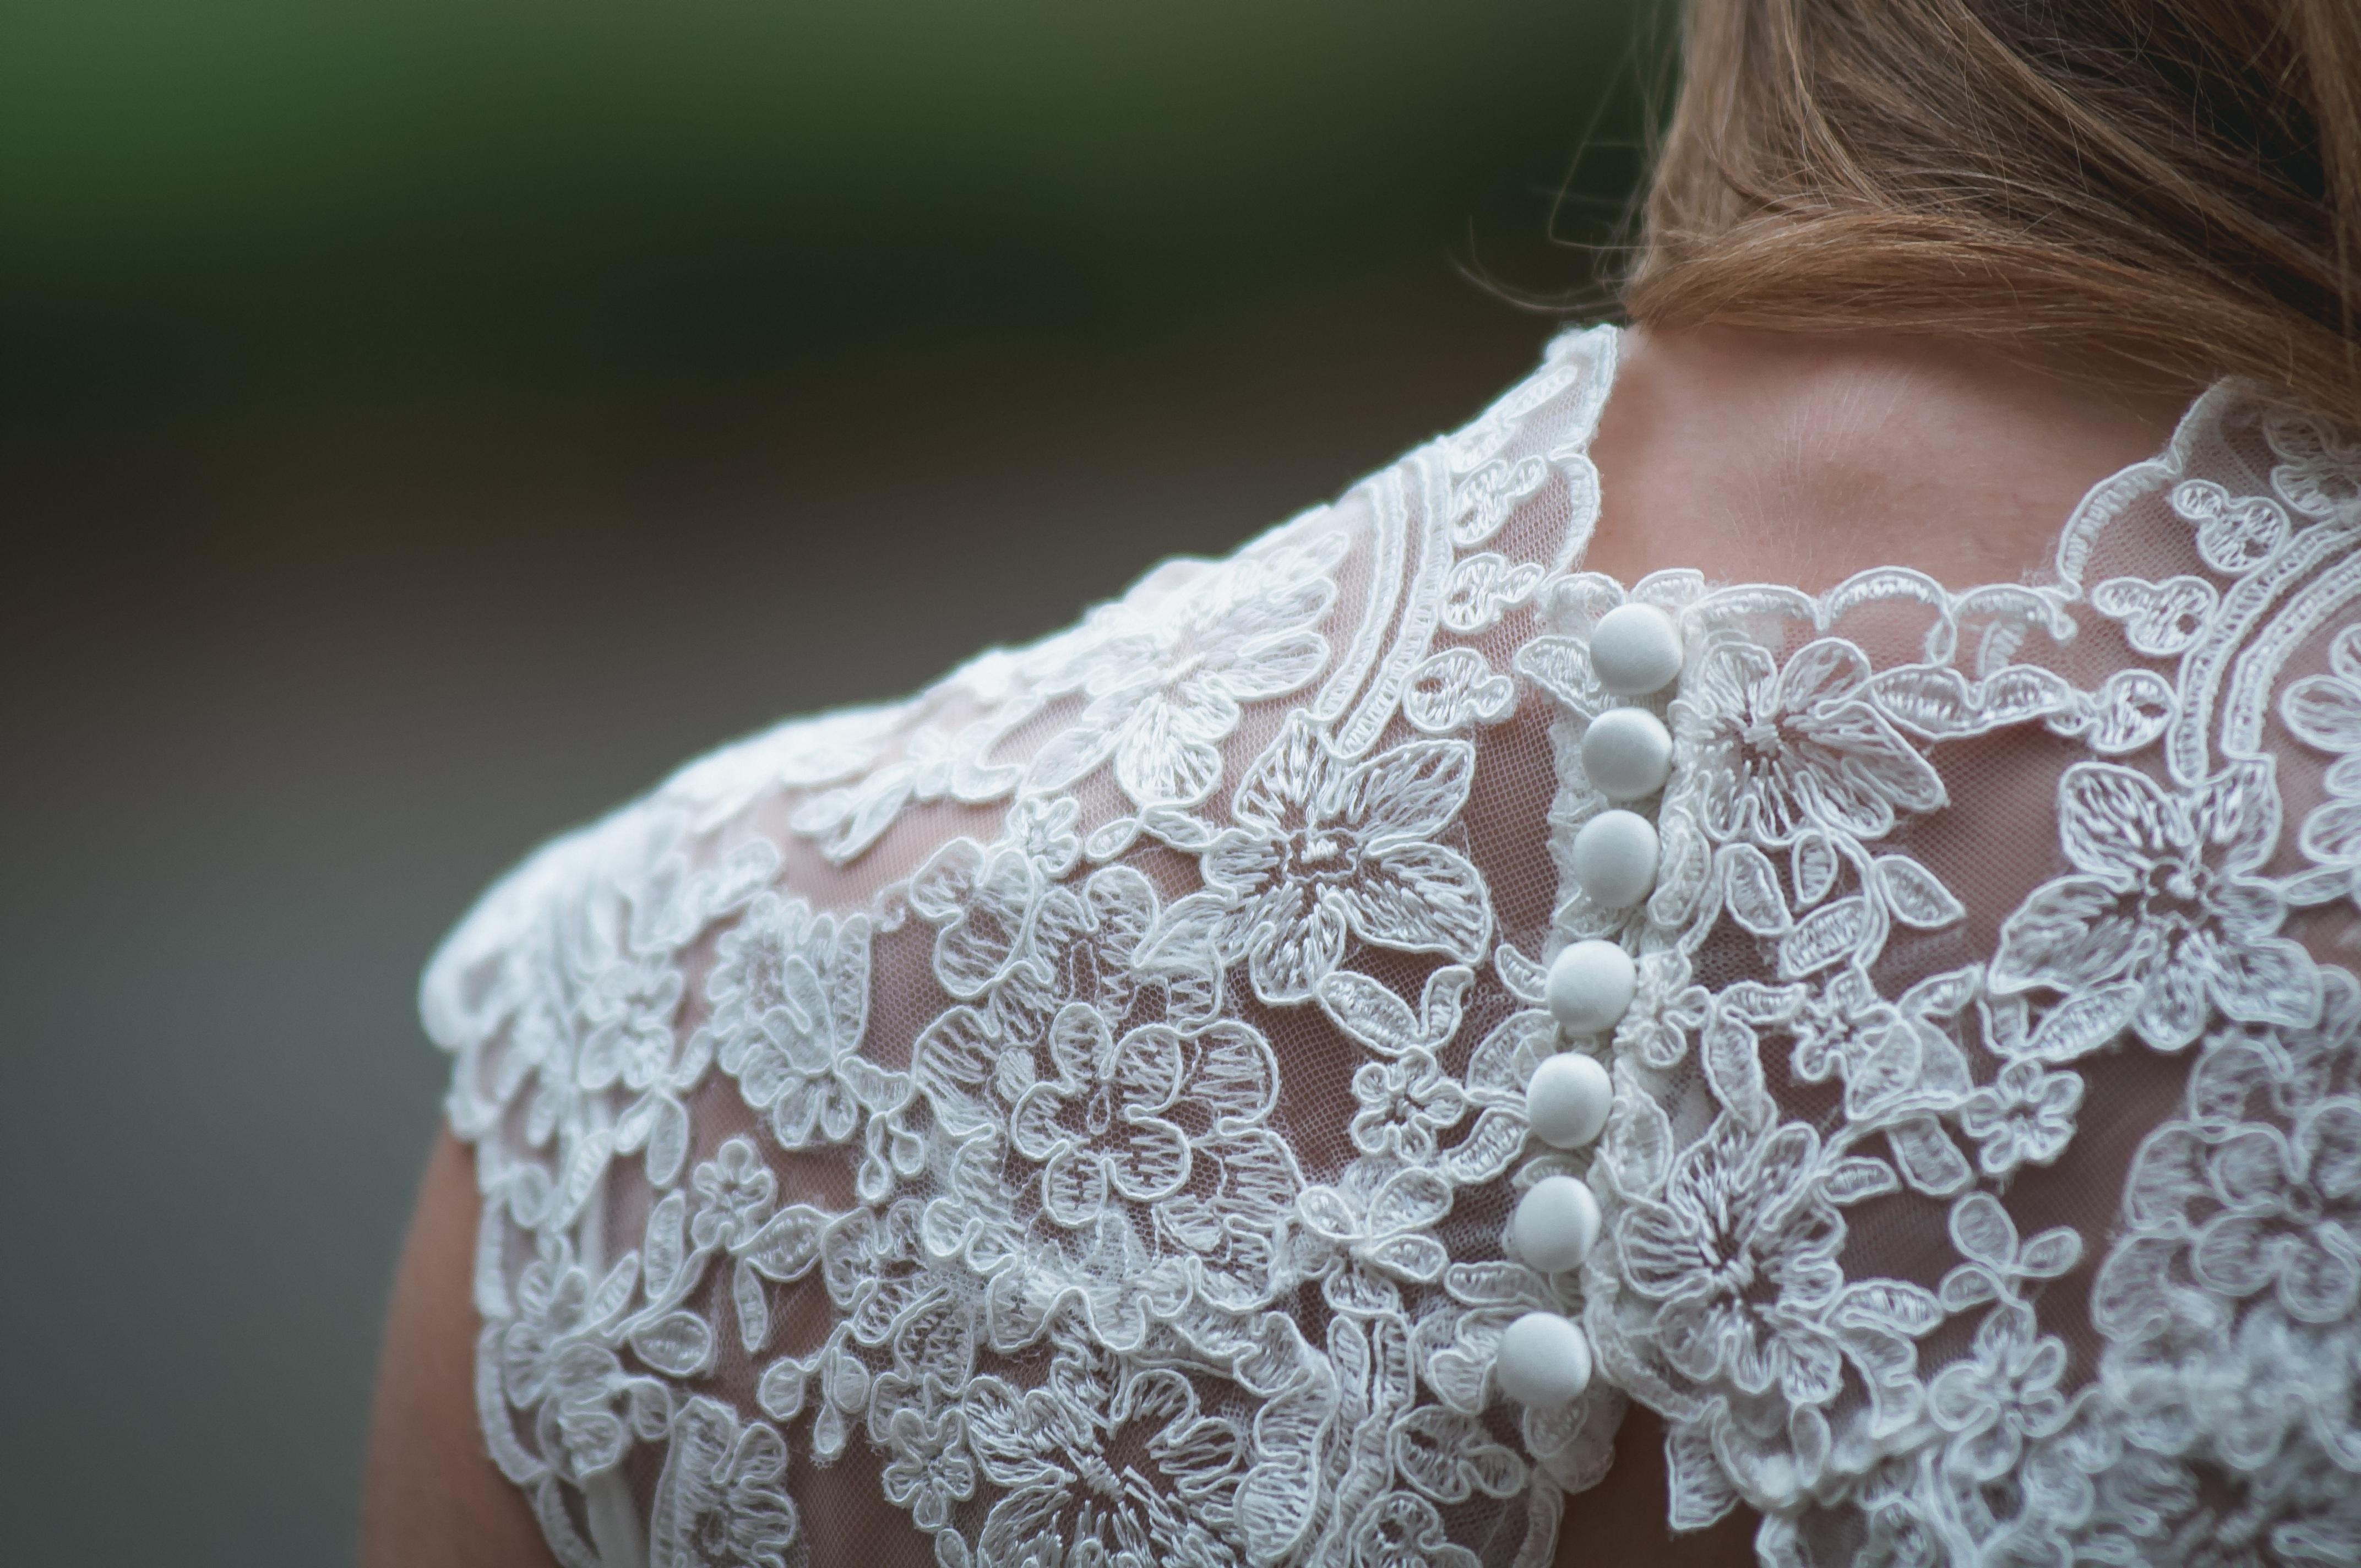 0d885daee9 nő fehér szüret női csipke romantikus divat ruházat esküvő Esküvői ruha  menyasszony váll anyag textil ruha